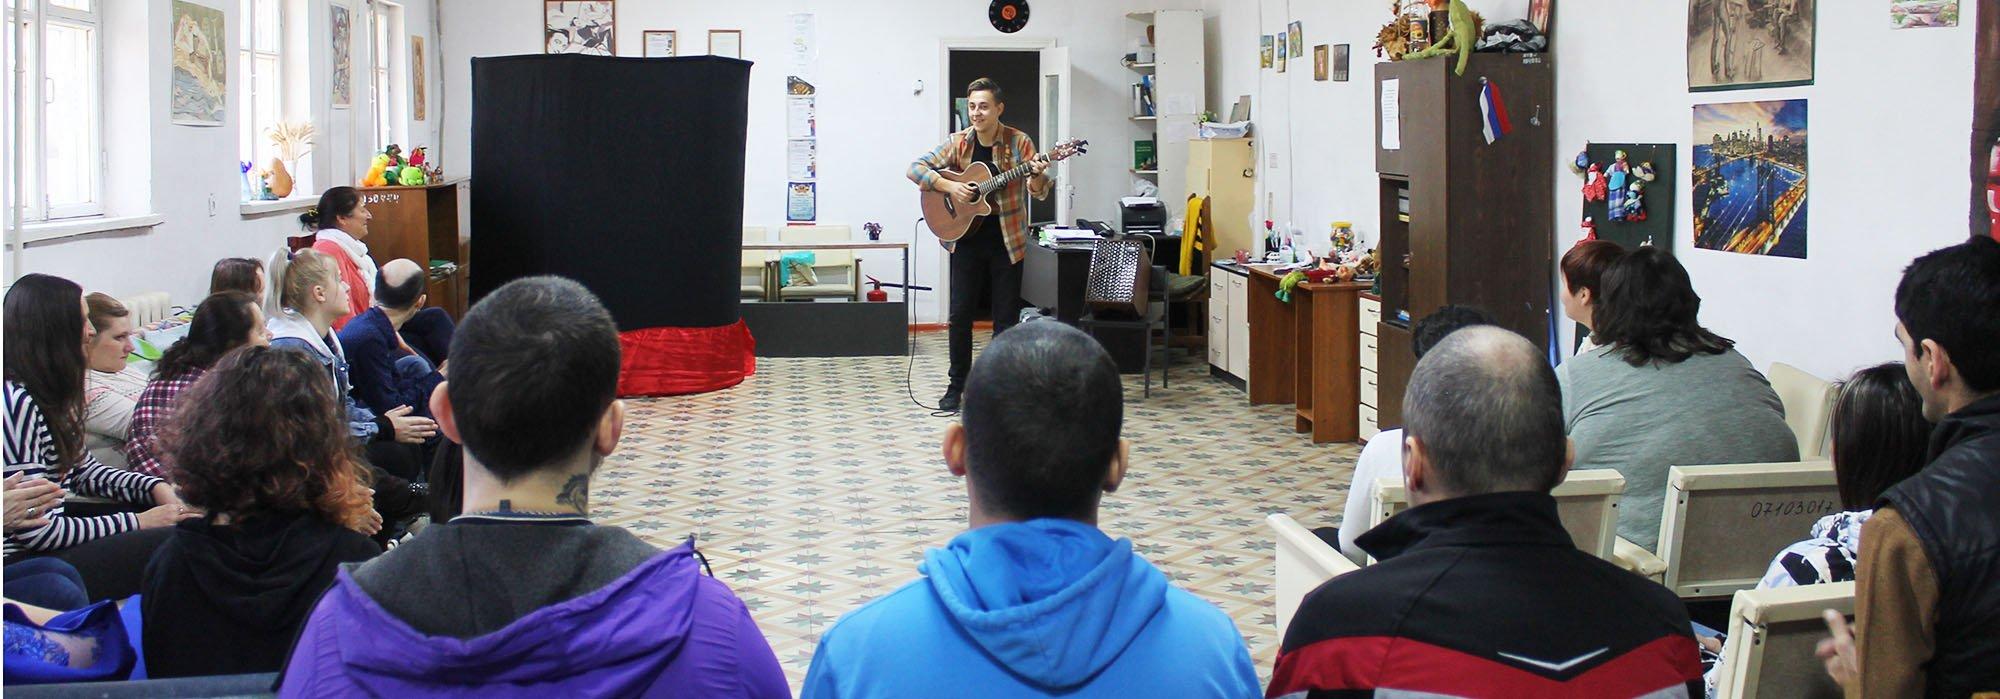 В Клубе прошёл концерт гитариста-виртуоза Юрия Полежаева